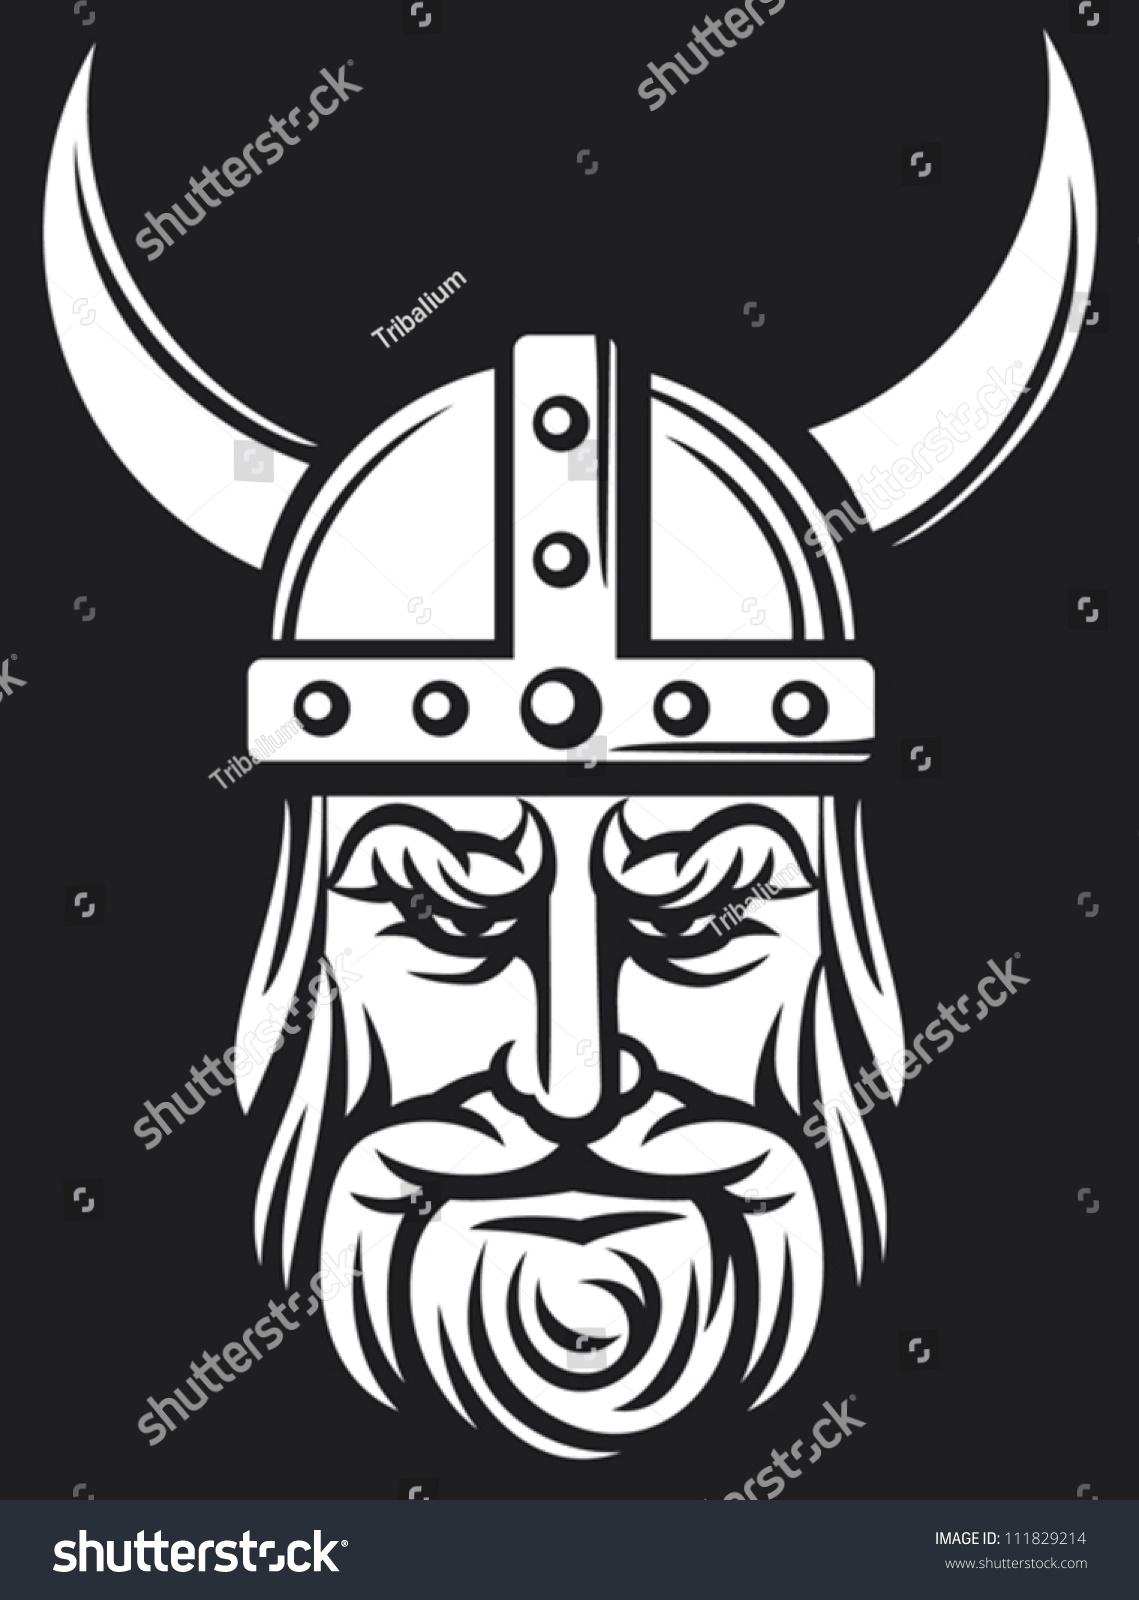 Viking Head Horned Helmet Stock Vector 111829214 ... Horned Viking Helmet Goblin Rocket Helmet